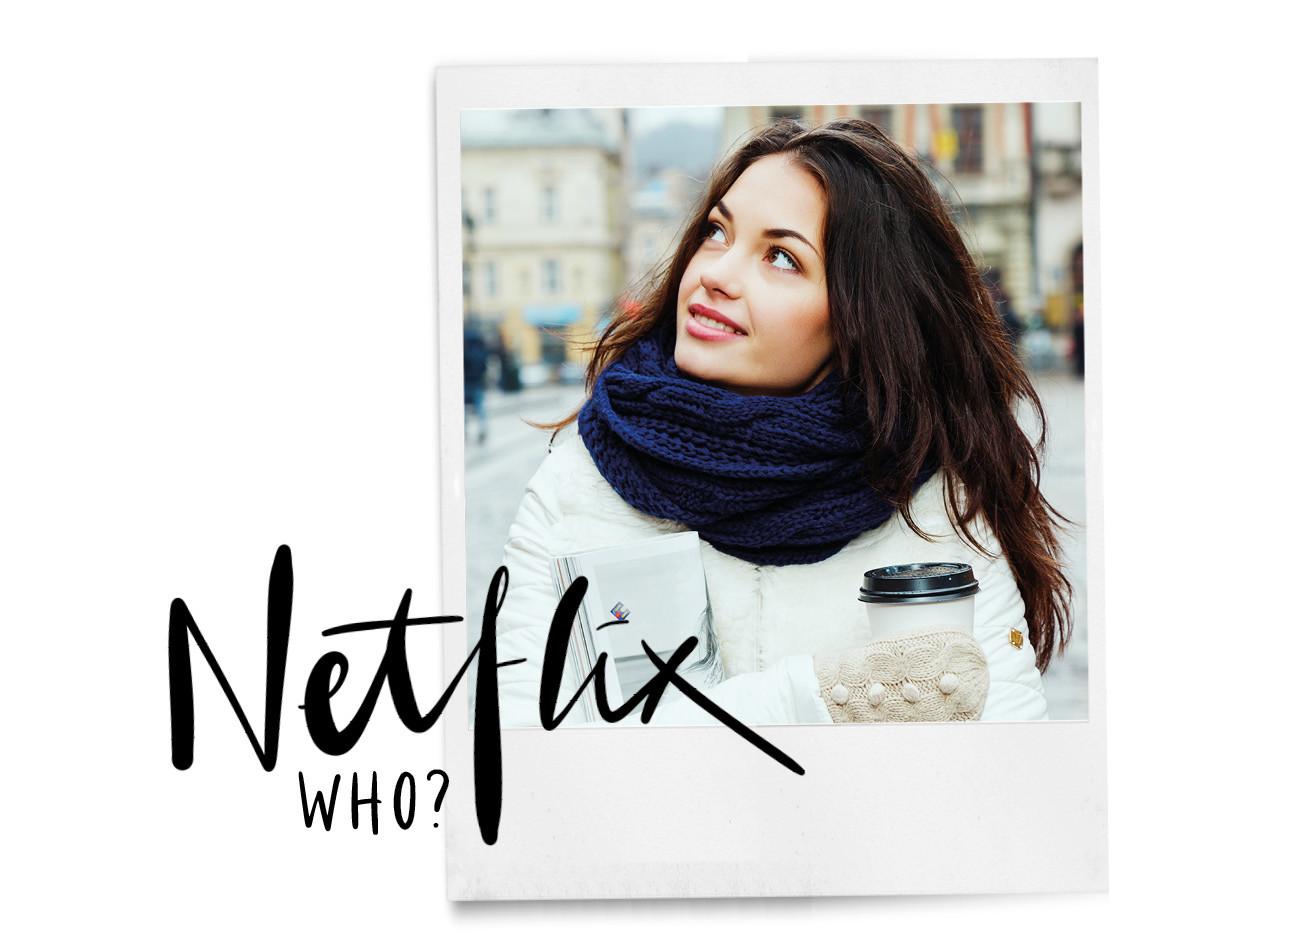 Vrouw kijkend naar boven in een witte winterjas